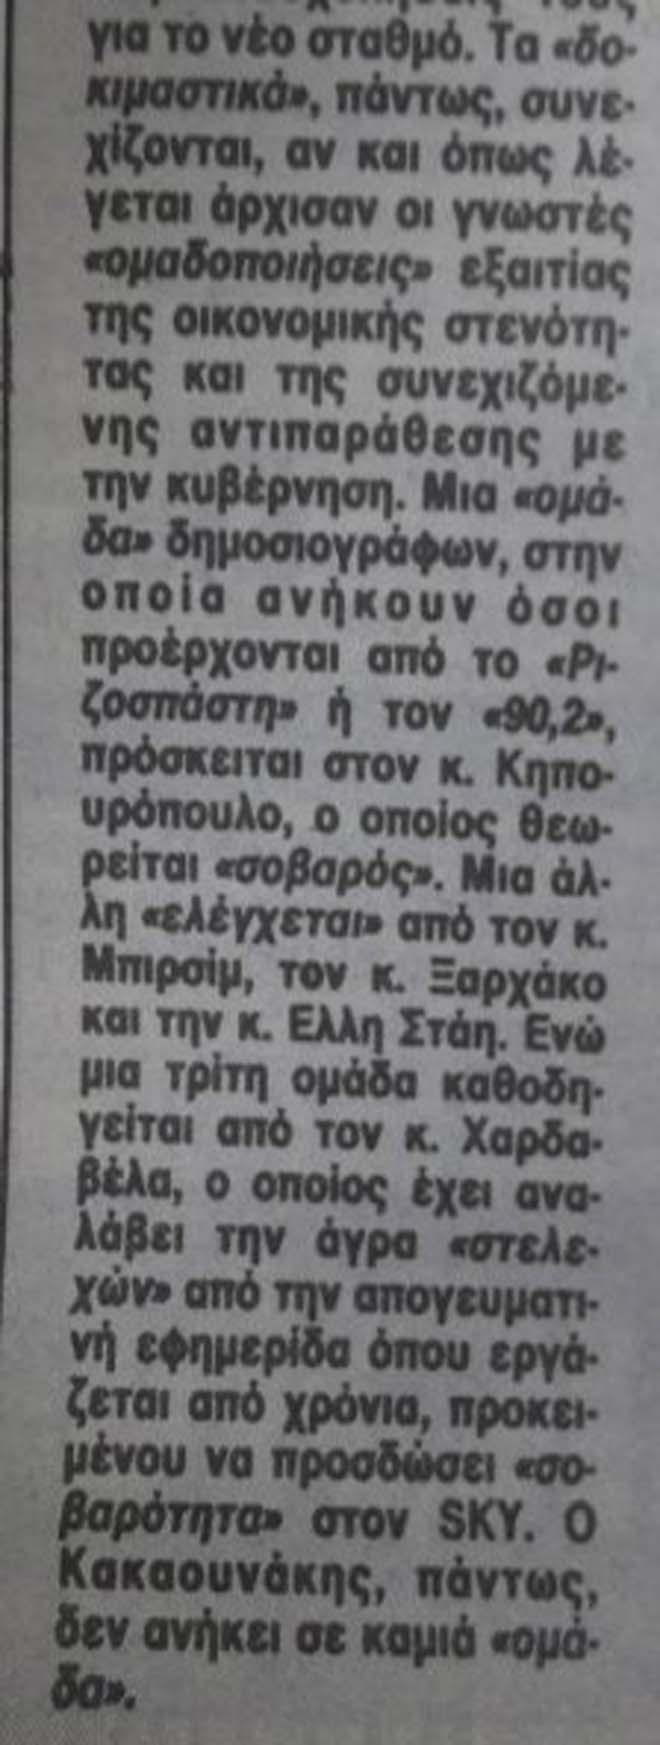 Βρὲ Ζωή... Τί ἀκριβῶς ἔχεις μέ τόν ΣΚΑΙ;77